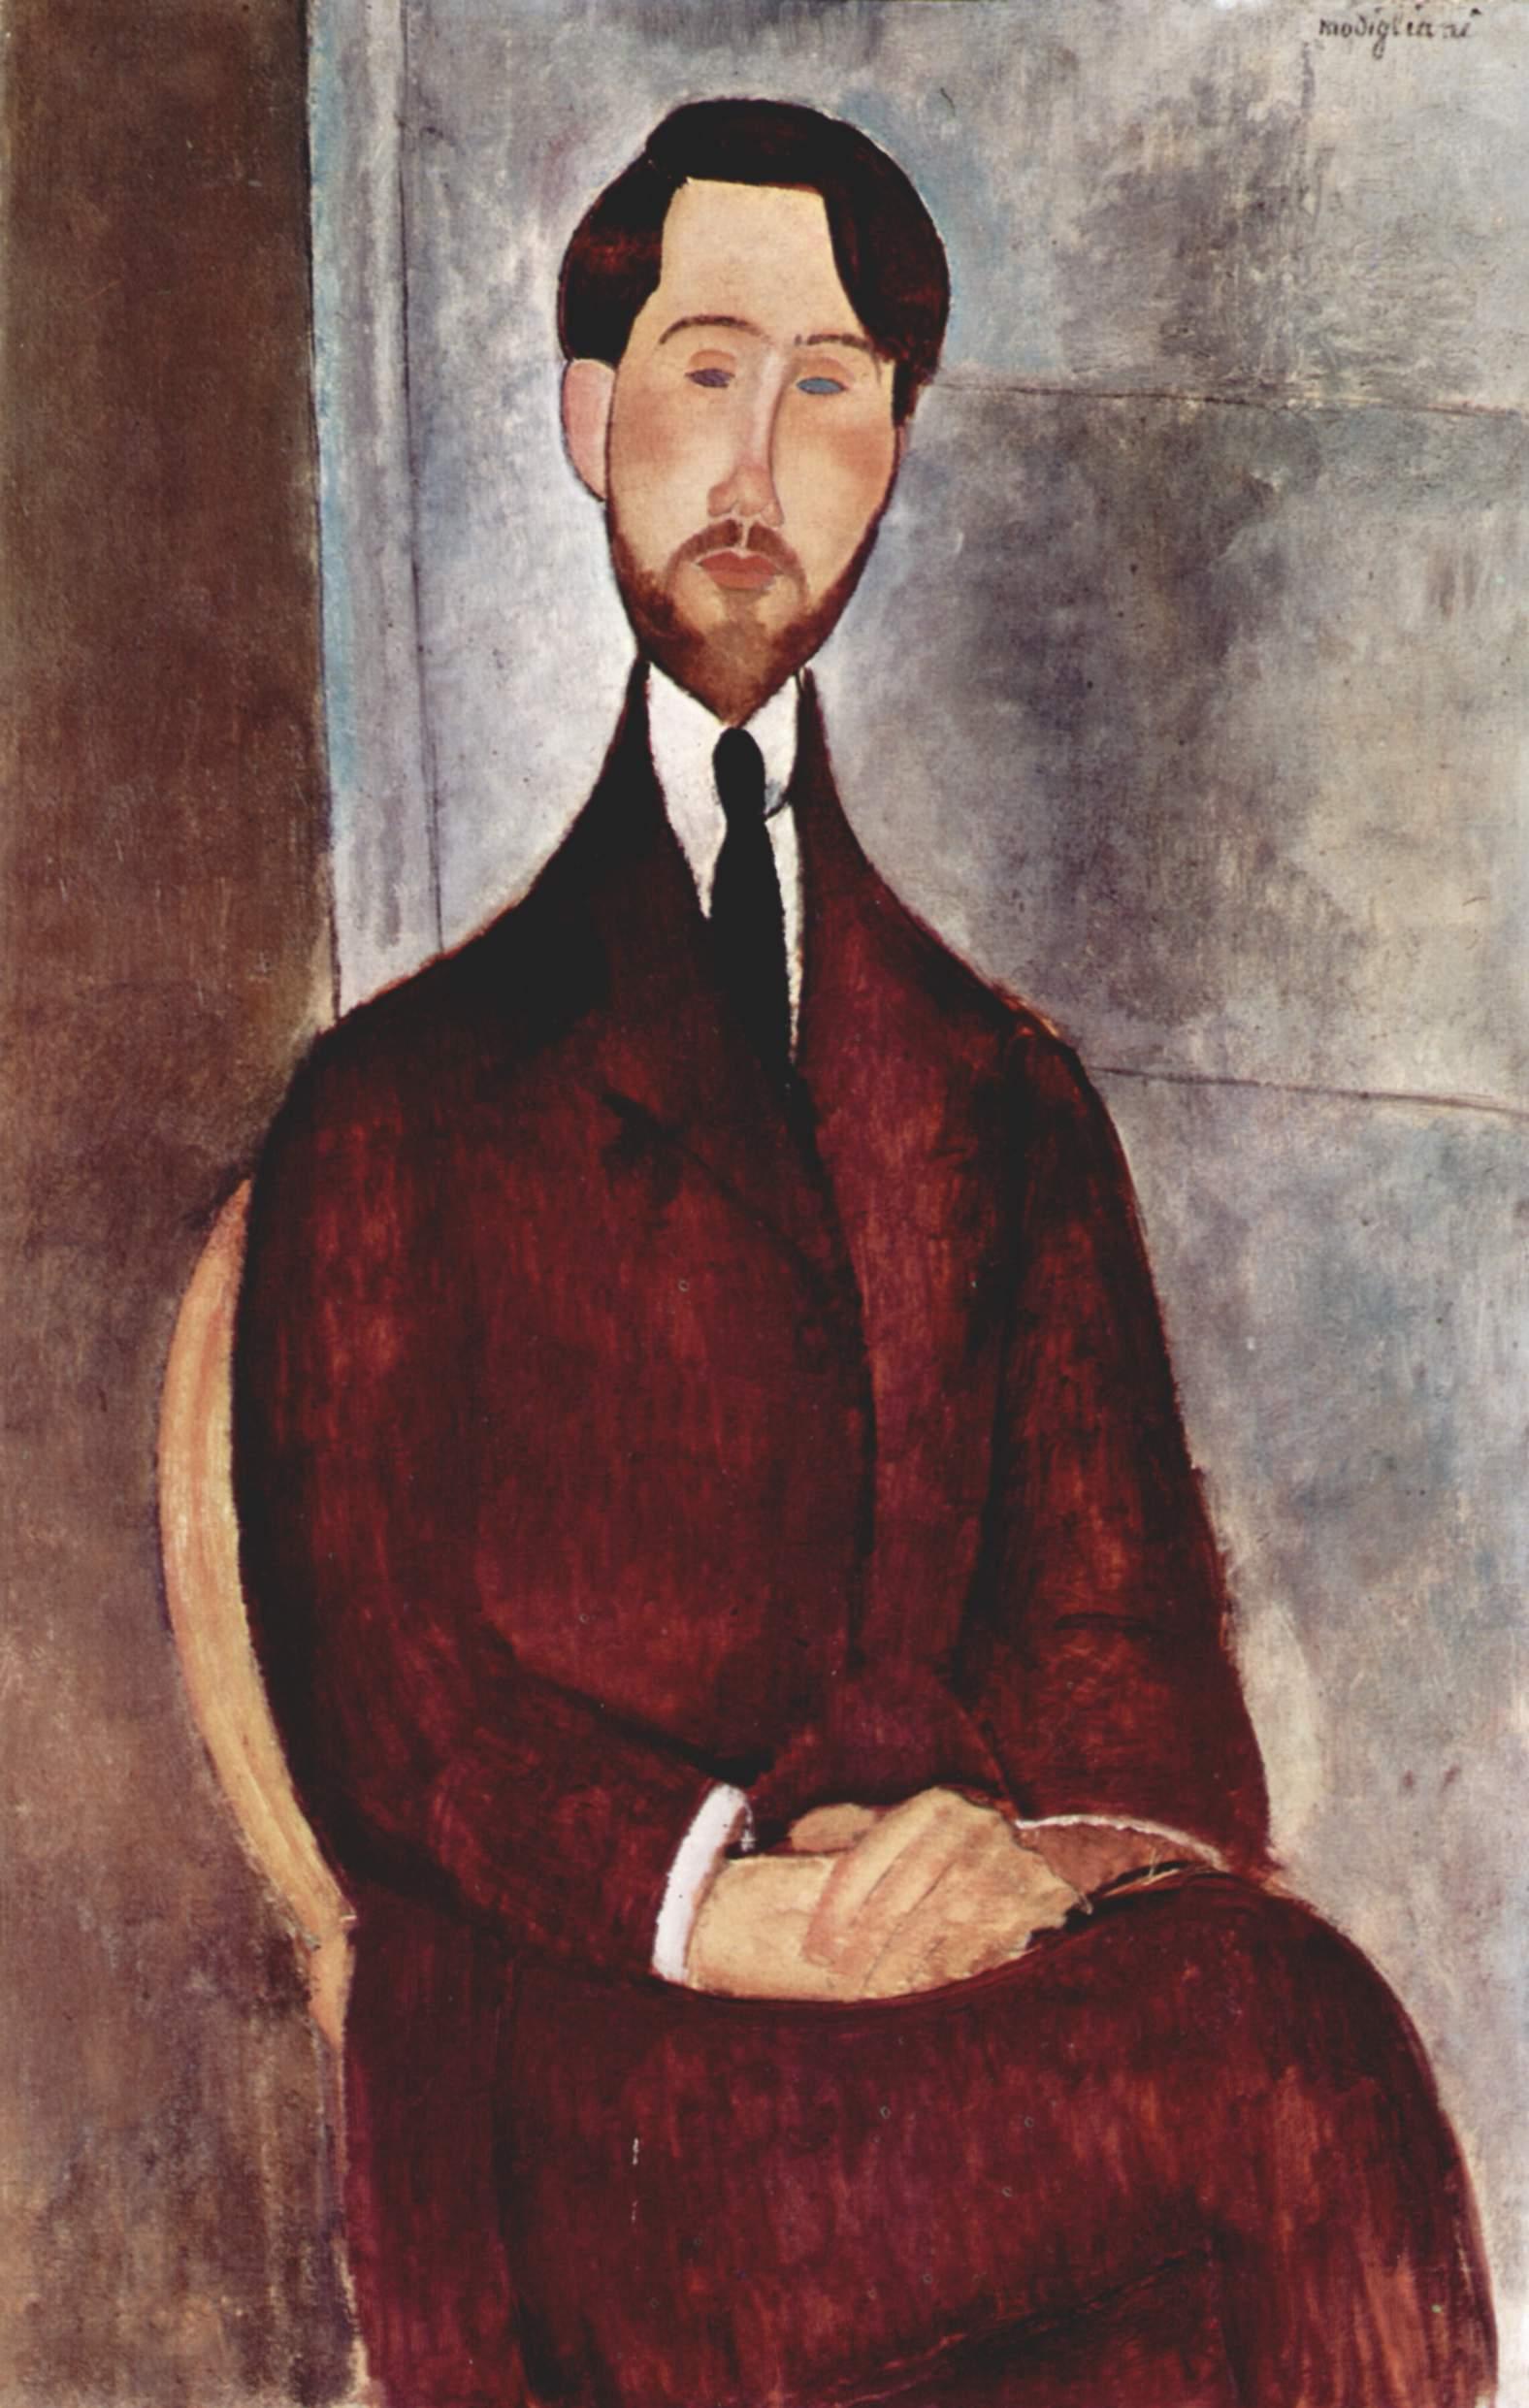 Amedeo Modigliani, Ritratto di Léopold Zborowski (1916; olio su tela, 100 x 65 cm; San Paolo del Brasile, Museo d'Arte di San Paolo)